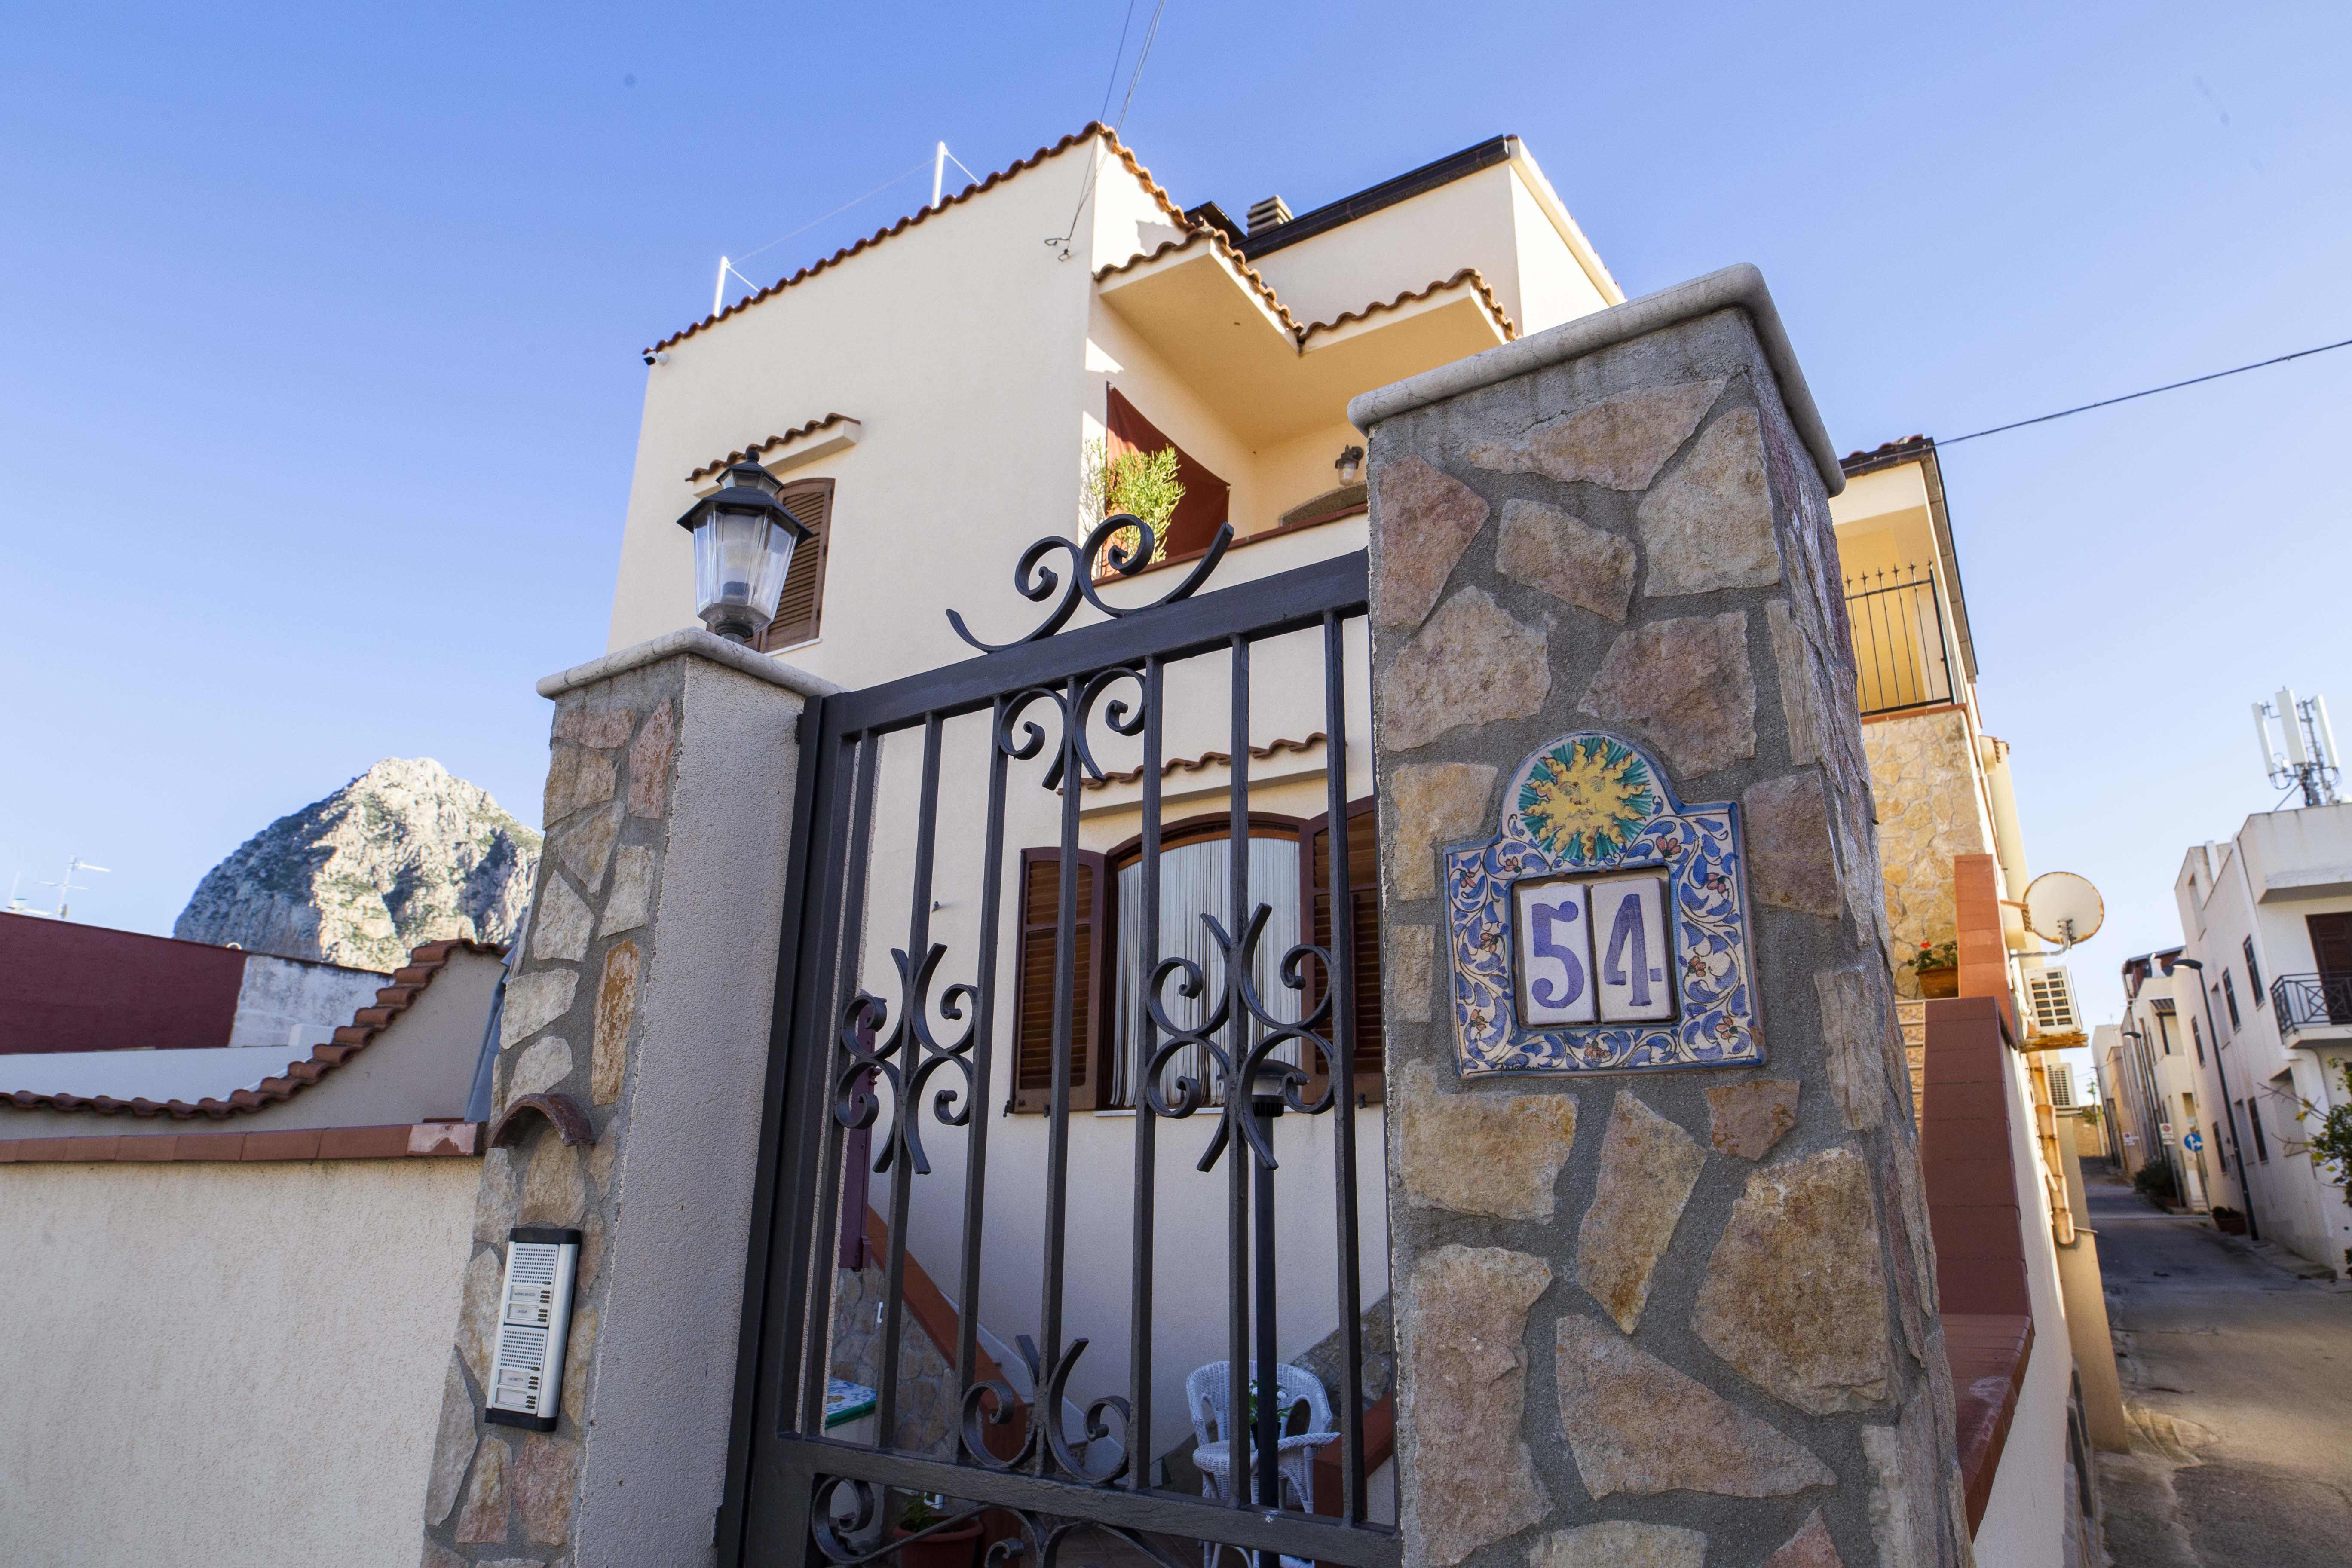 Ingresso appartamento - Via Cavour 54